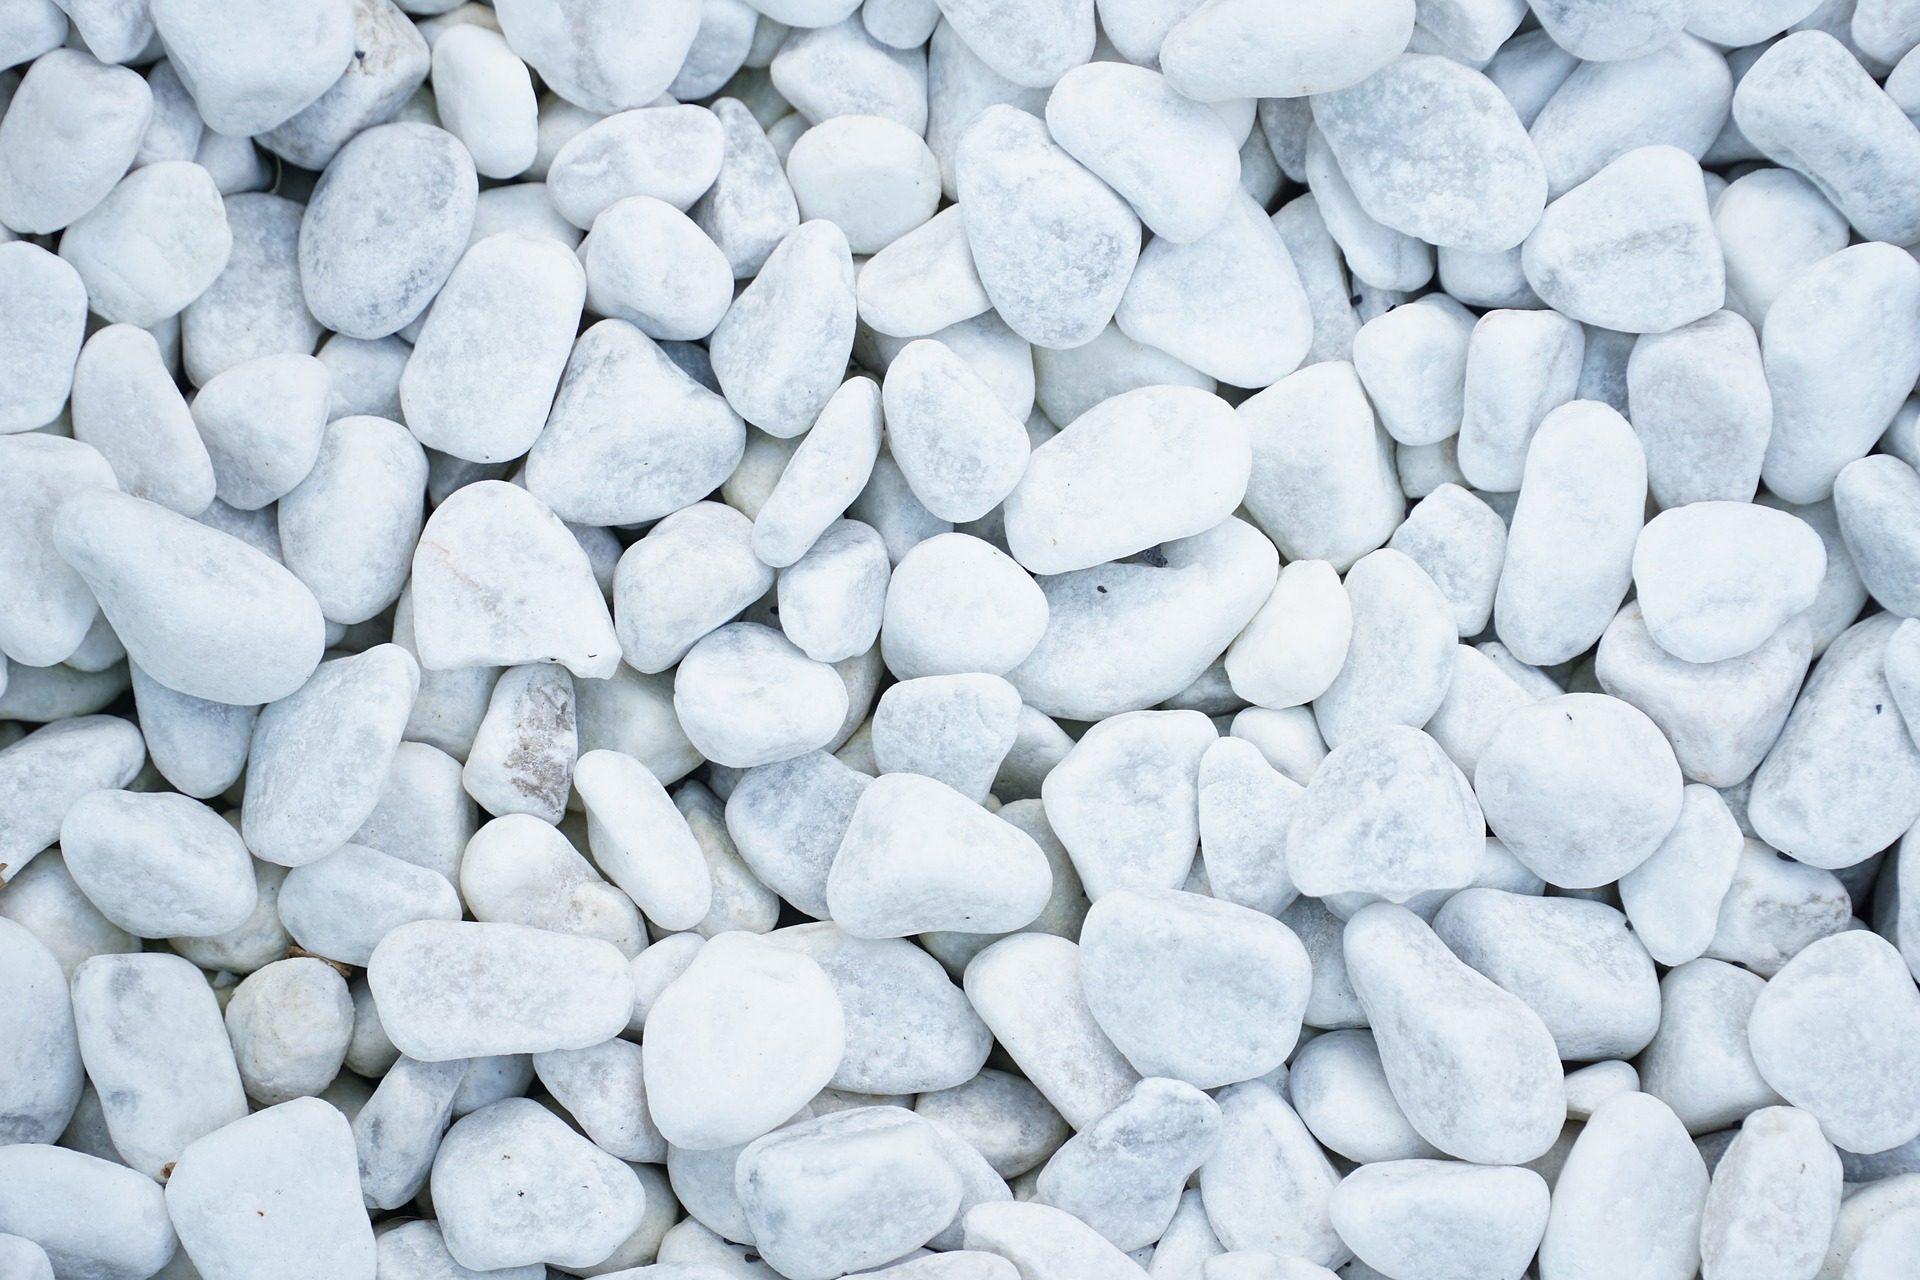 石, 曲, ロカス, ホワイト, 数量 - HD の壁紙 - 教授-falken.com